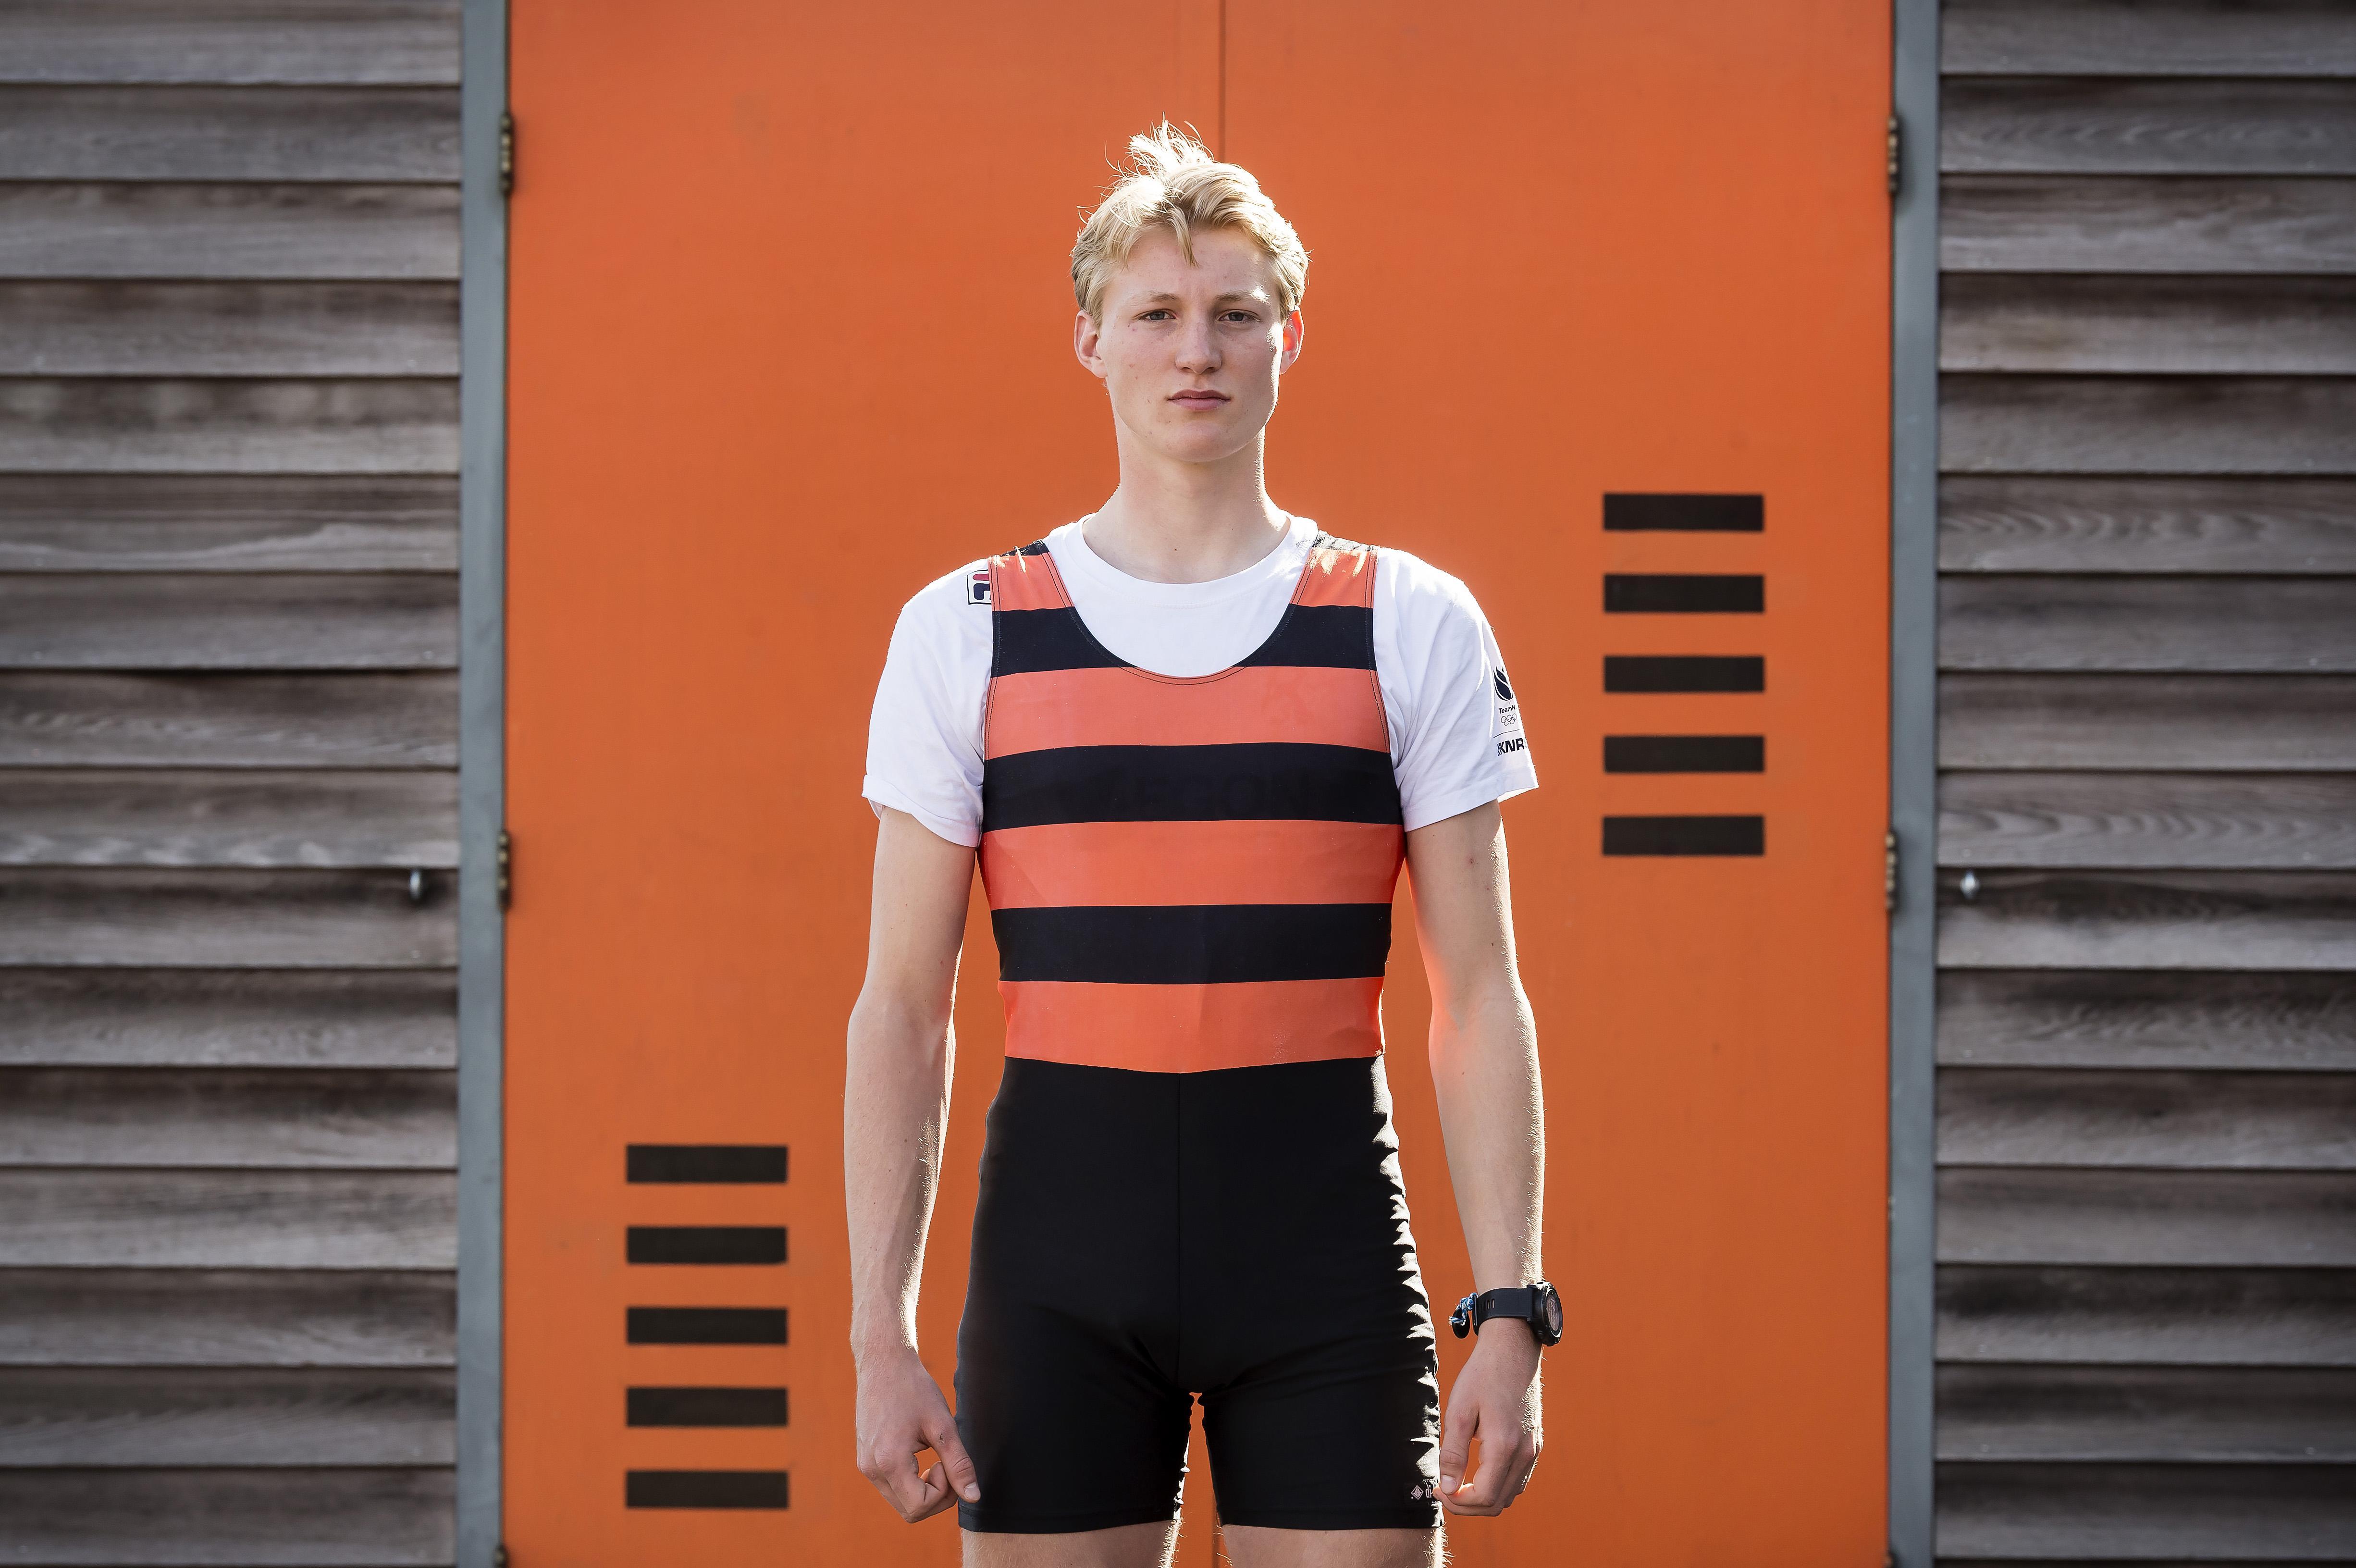 'Ik ben gestopt met mijn opleiding en ben enkel gaan trainen, eten en rusten.' Het leverde Leidenaar Finn Florijn plek op in skiff en deelname aan Europees kampioenschap